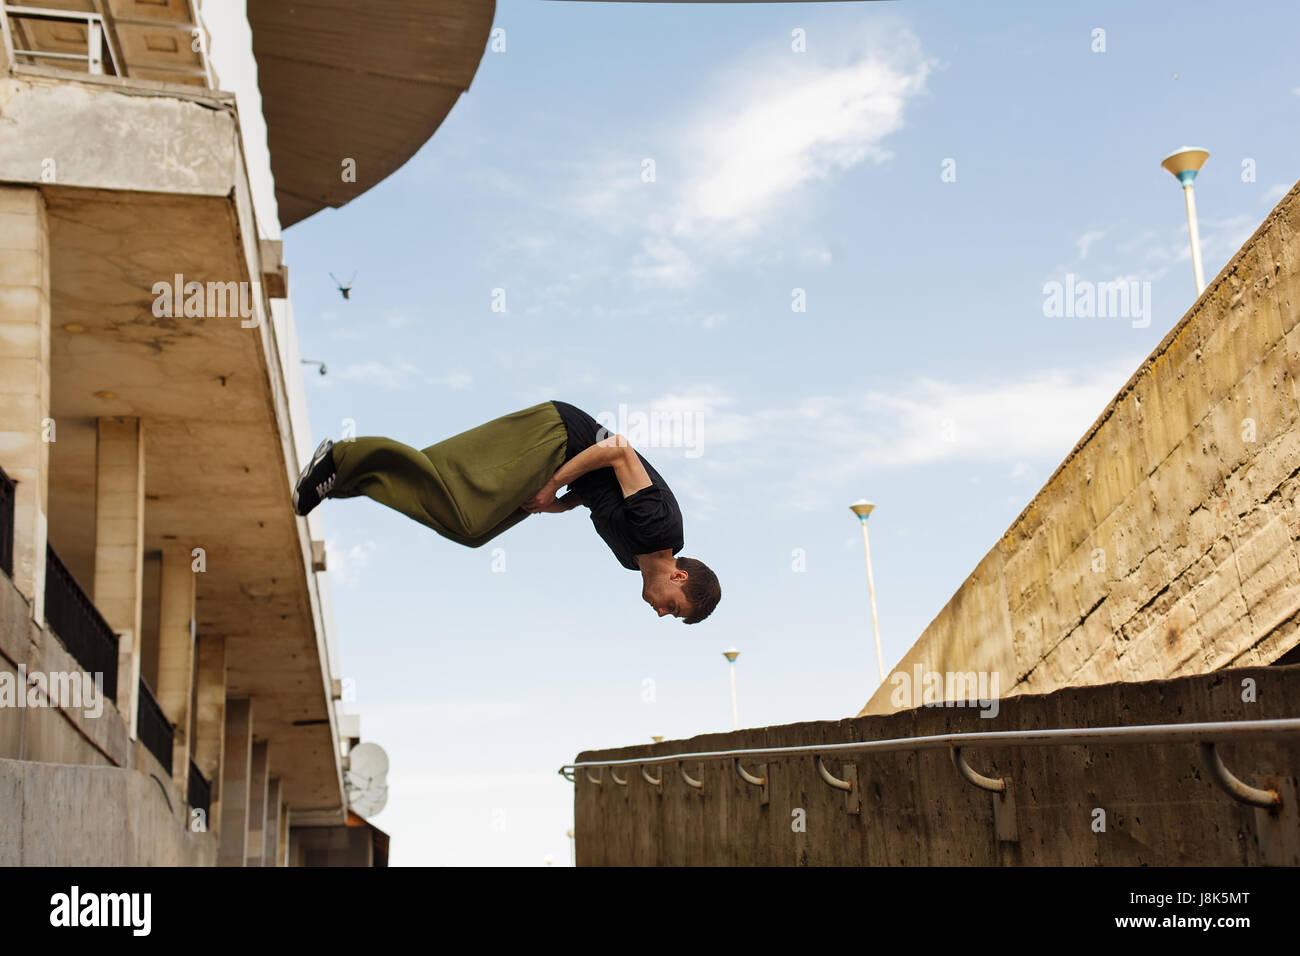 Giovane uomo back flip. Parkour nello spazio urbano. Sport in città. Attività sportive all'aperto. Immagini Stock